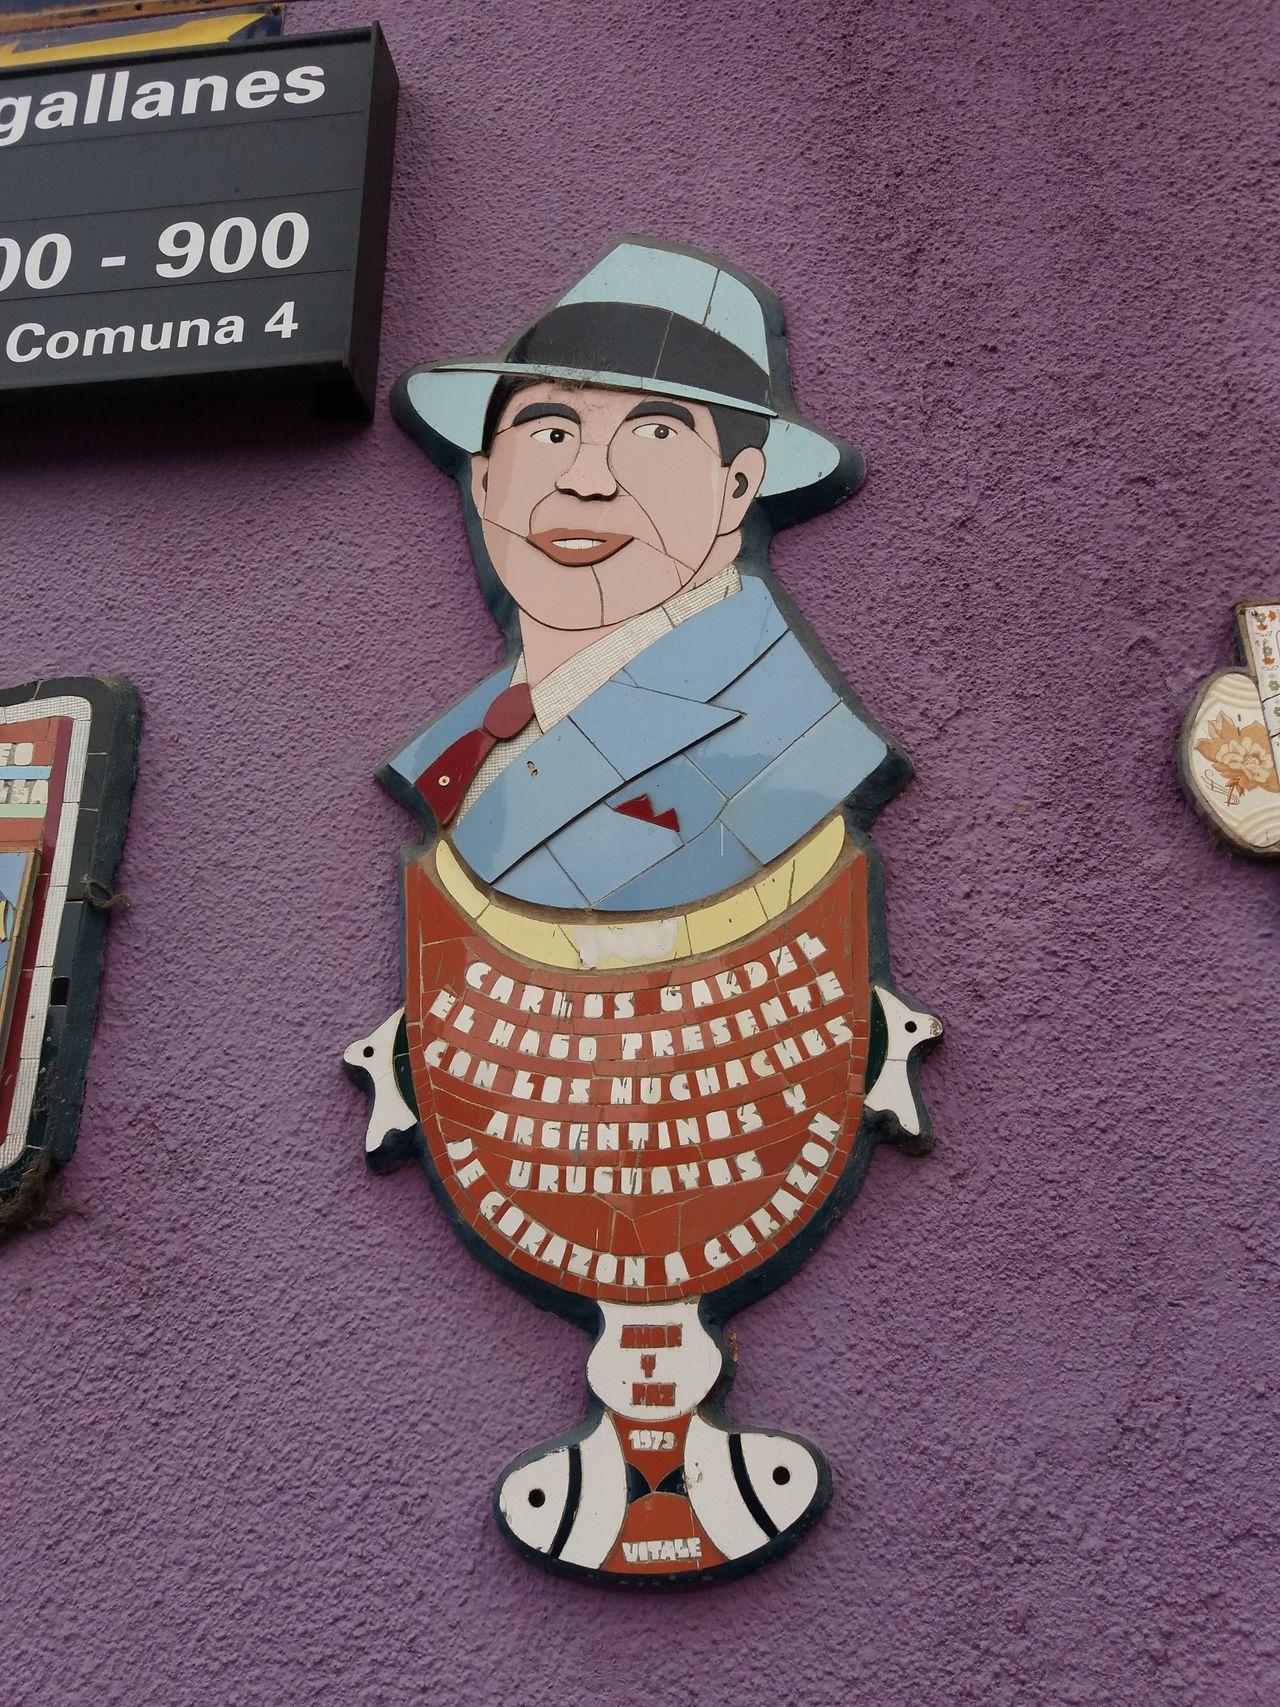 Carlos Gardel Tribute Carlos Gardel Tango Dance Argentina Buenos Aires ,Caminito,La Boca,Buenos Aires,Argentina